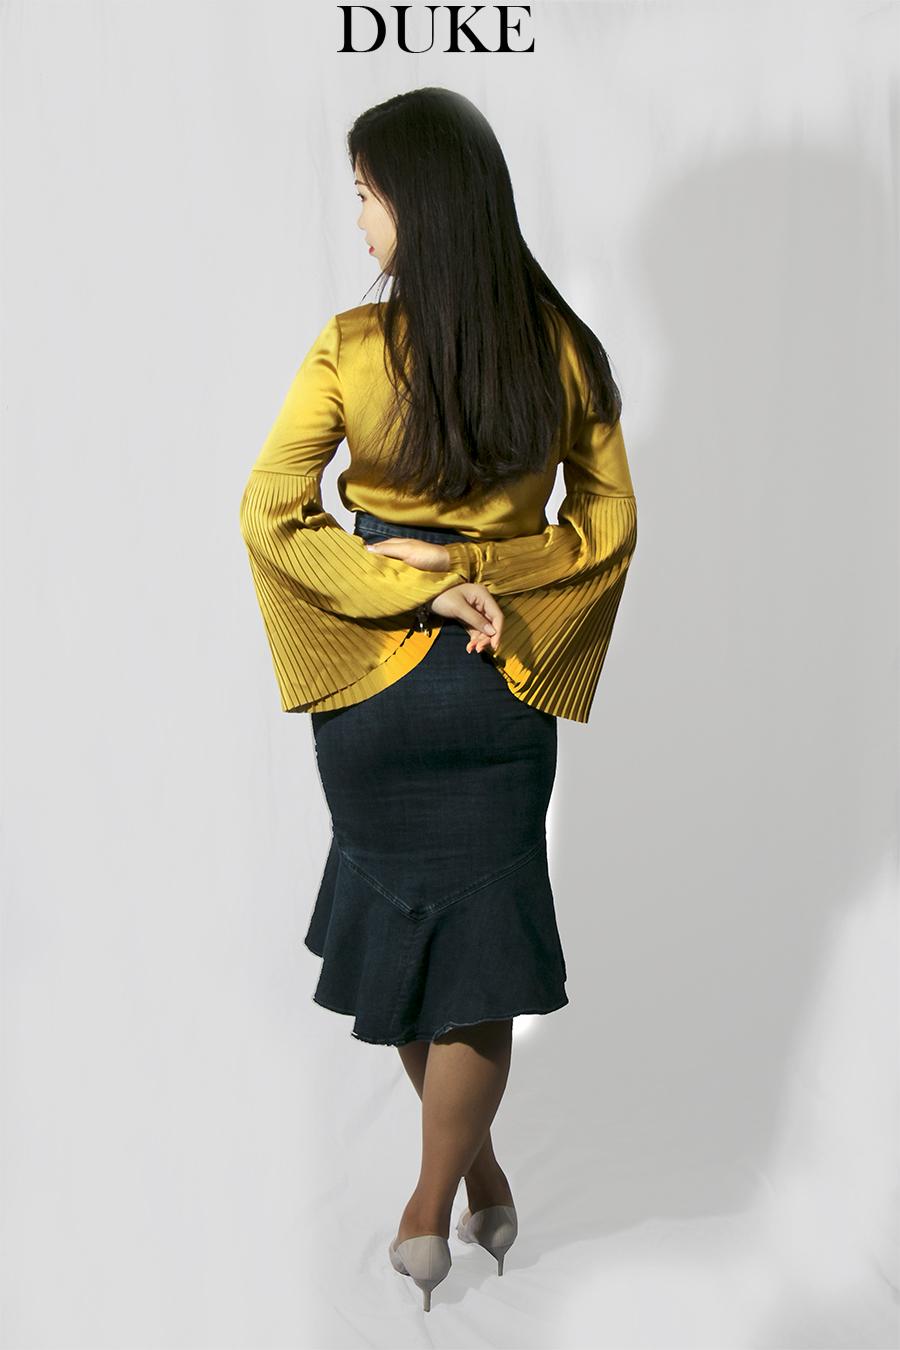 Xiaonan_Chen_fashion_photography_branding_bell_sleeves_DUKE 4